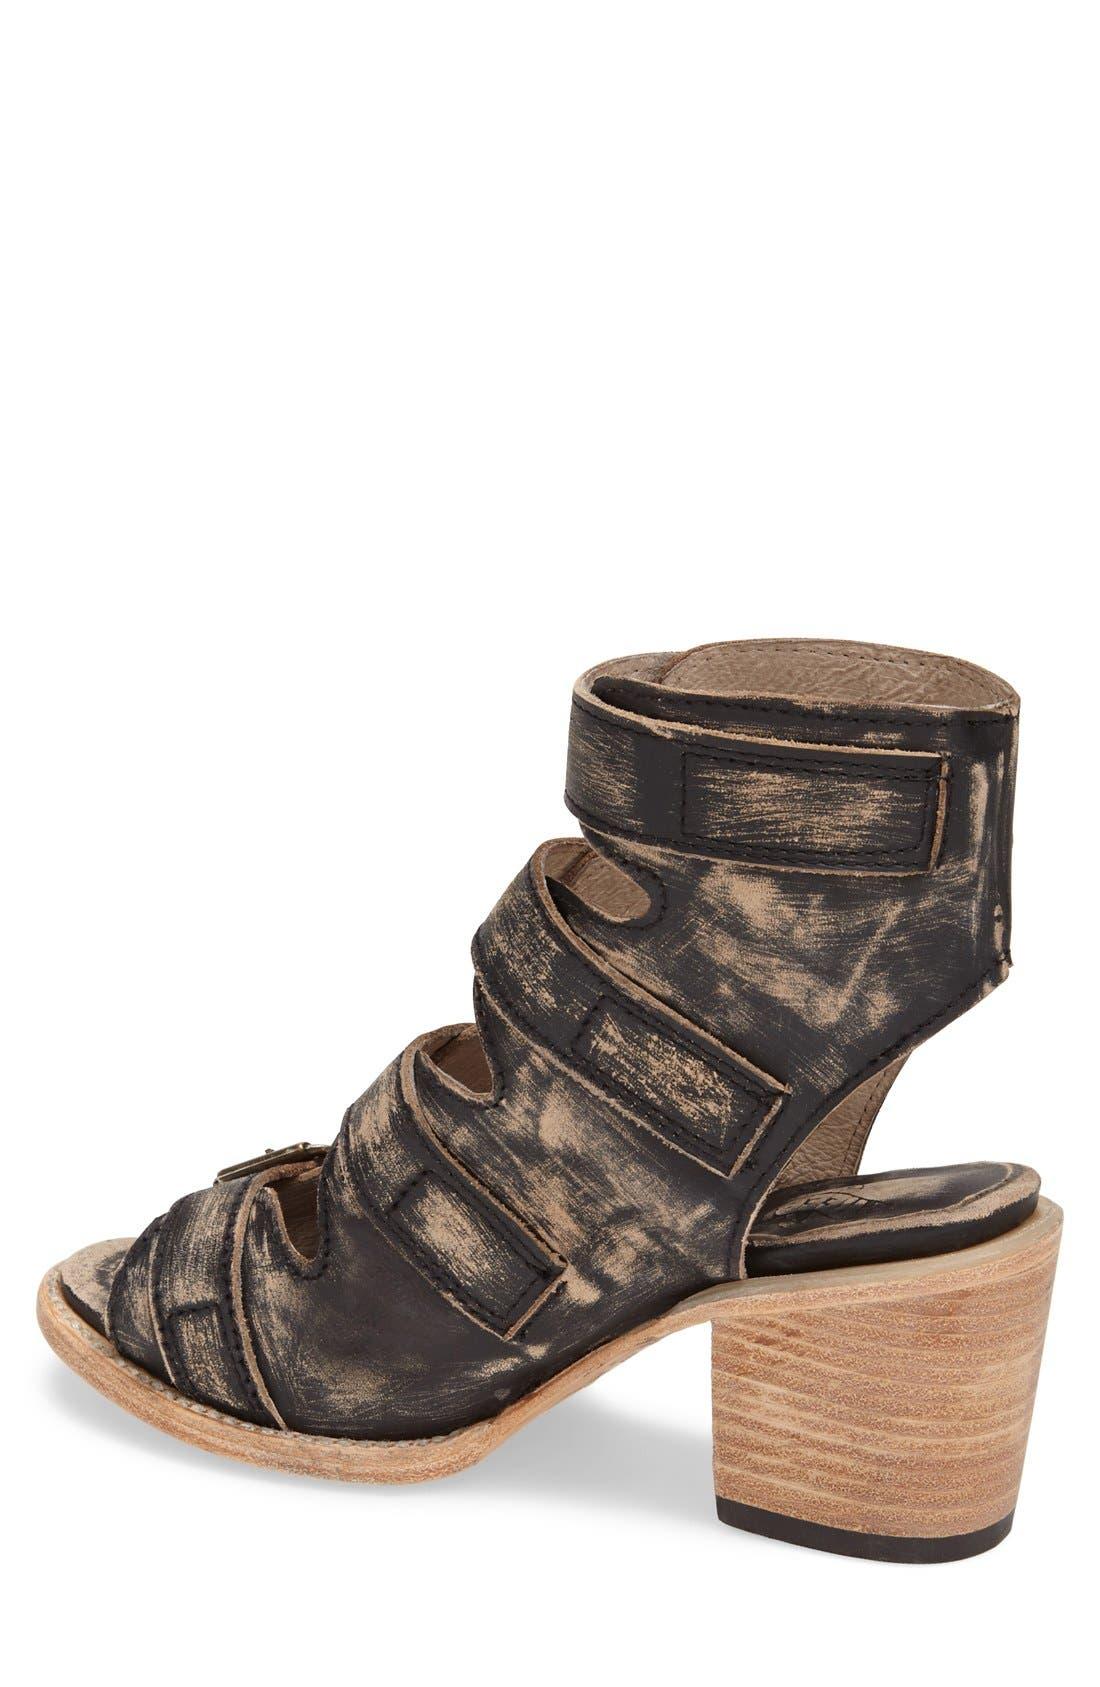 Alternate Image 2  - Freebird by Steven 'Quail' Open Toe Leather Bootie (Women)